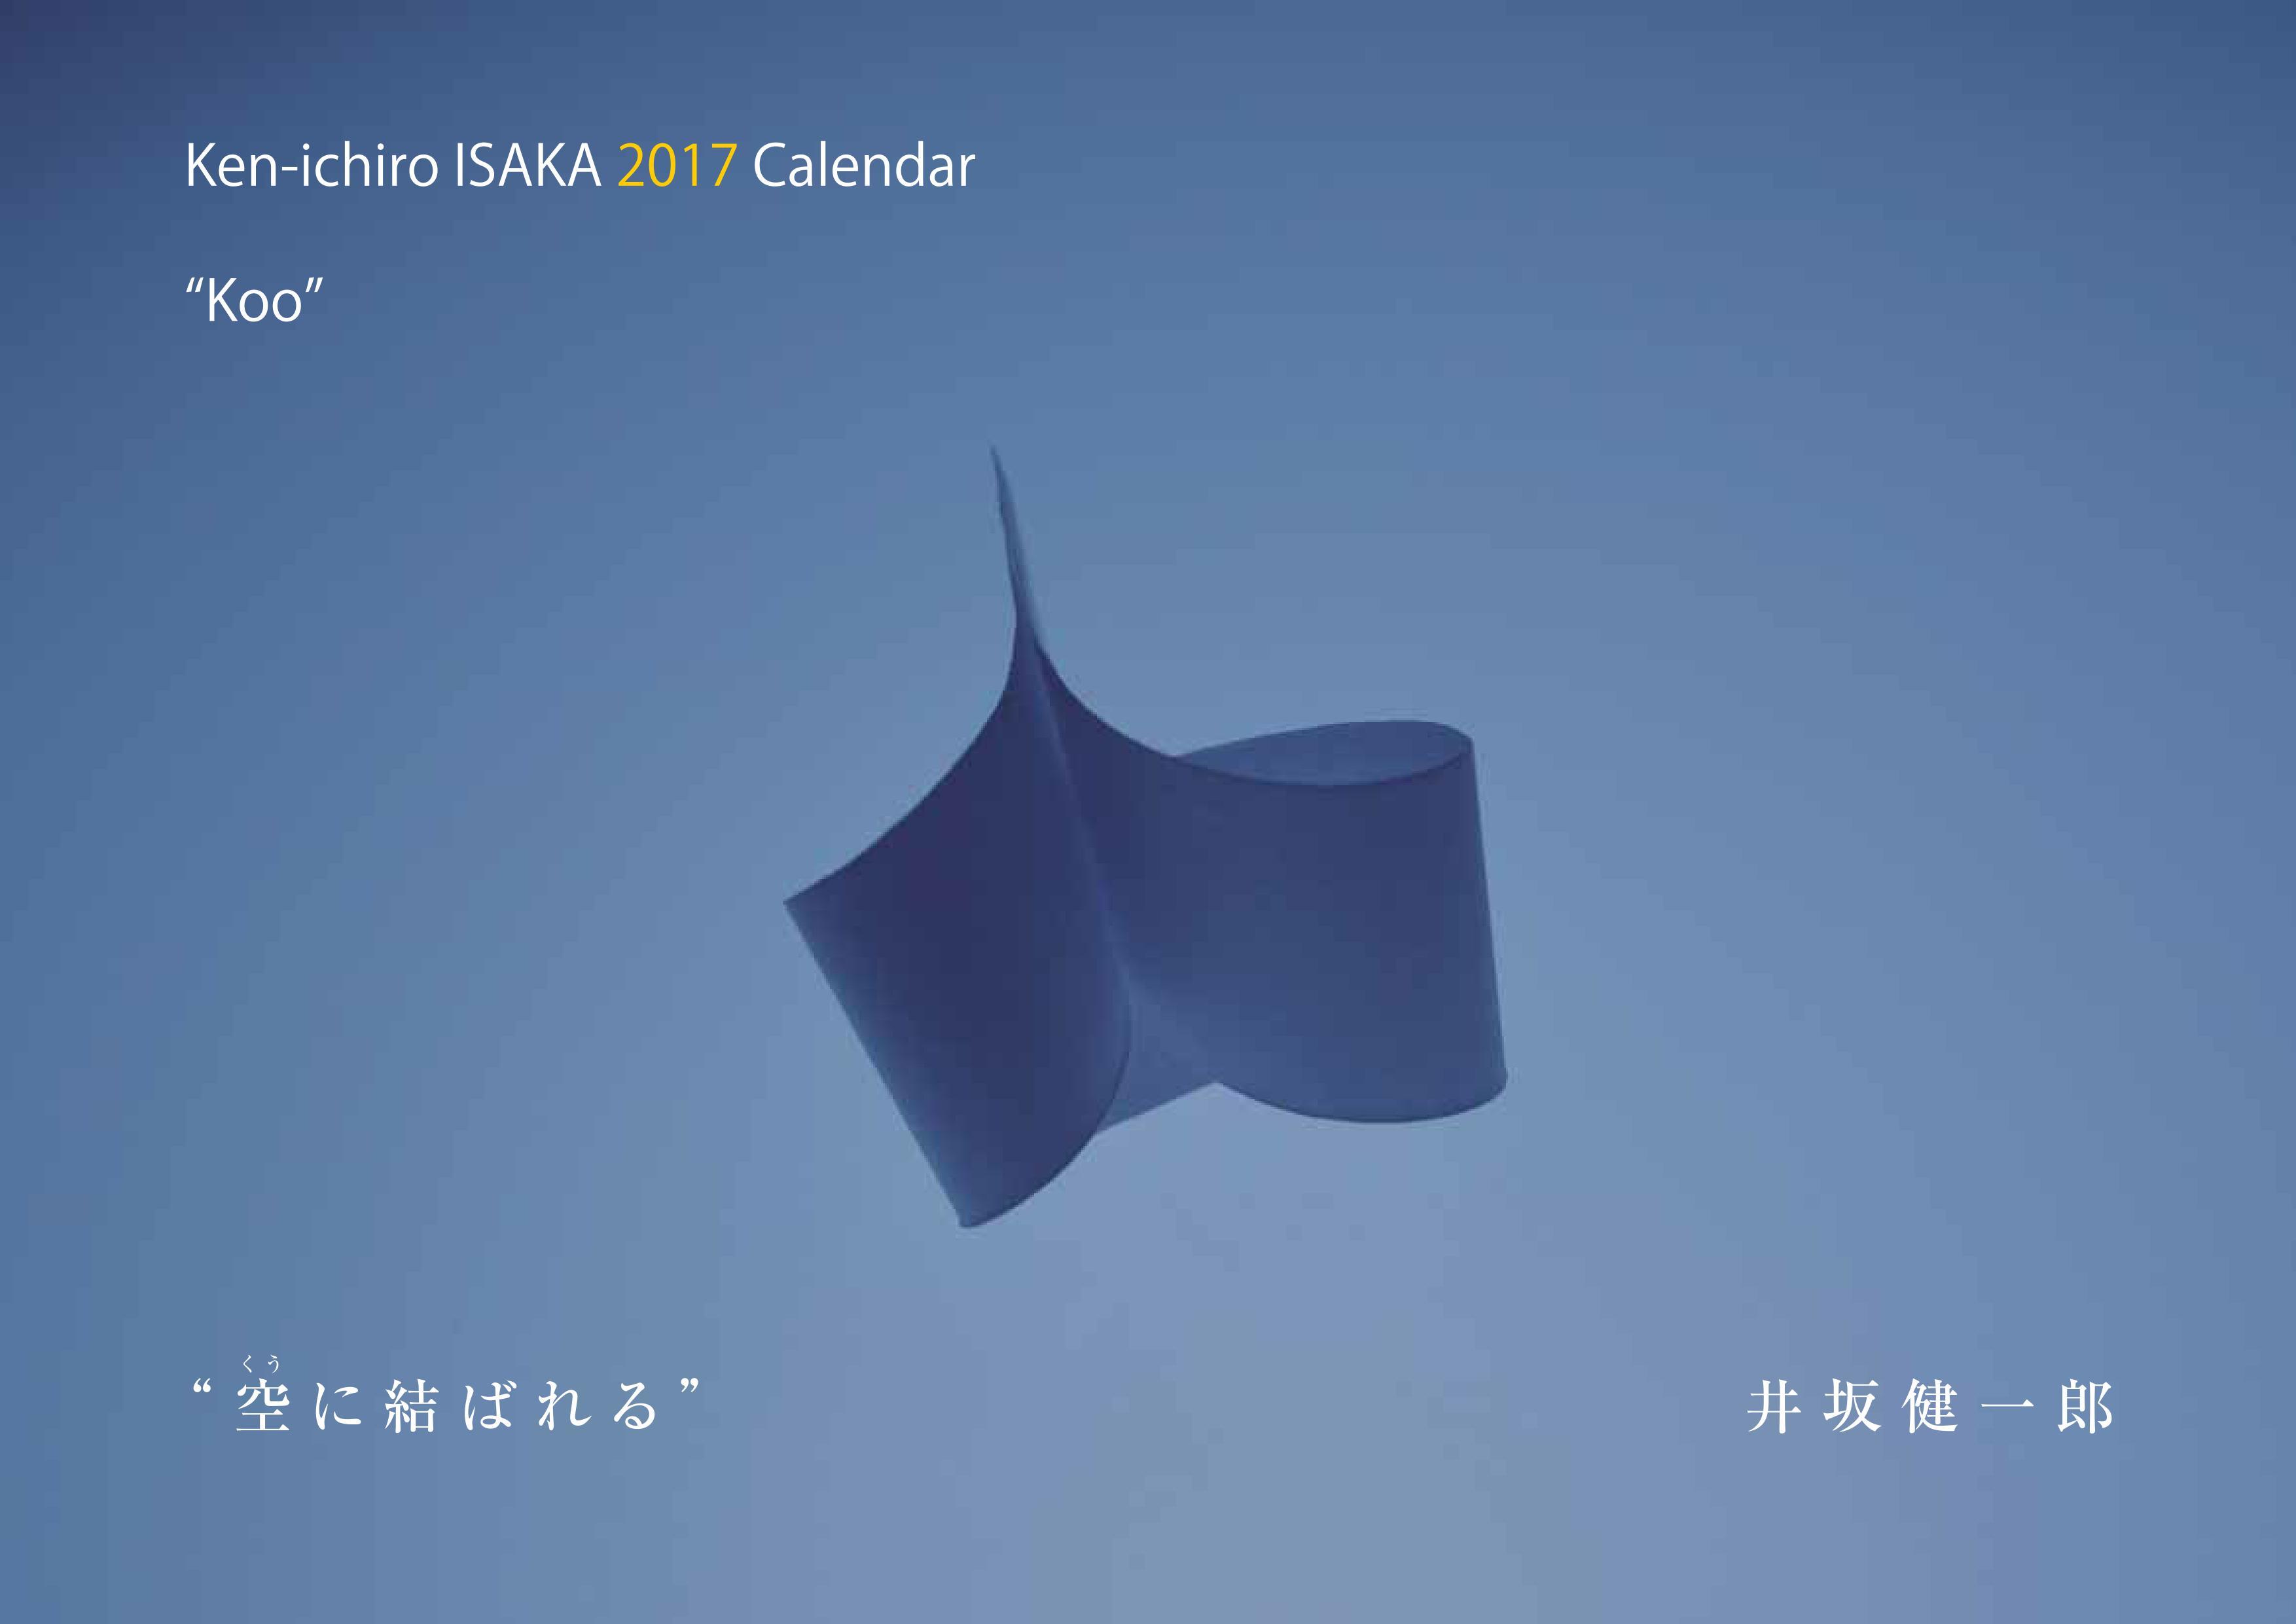 """井坂健一郎 2017年カレンダー """"空(くう)に結ばれる"""""""